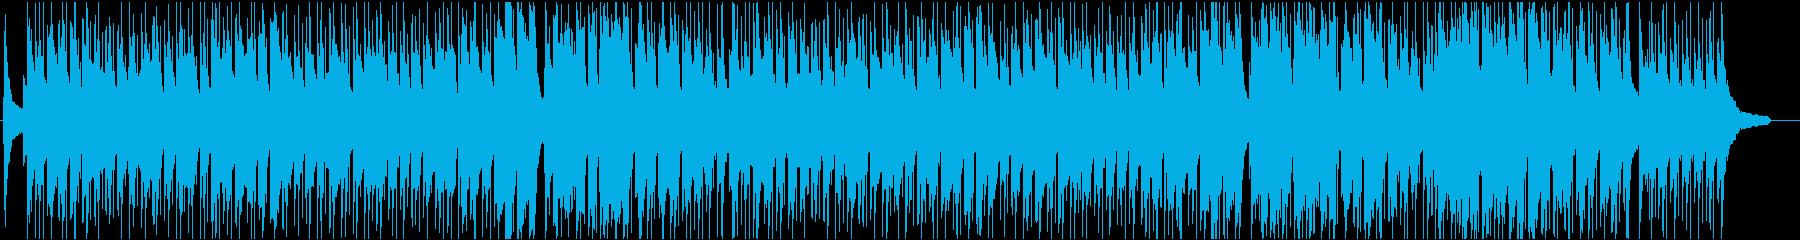 三拍子のピアノが印象的なR&Bの再生済みの波形